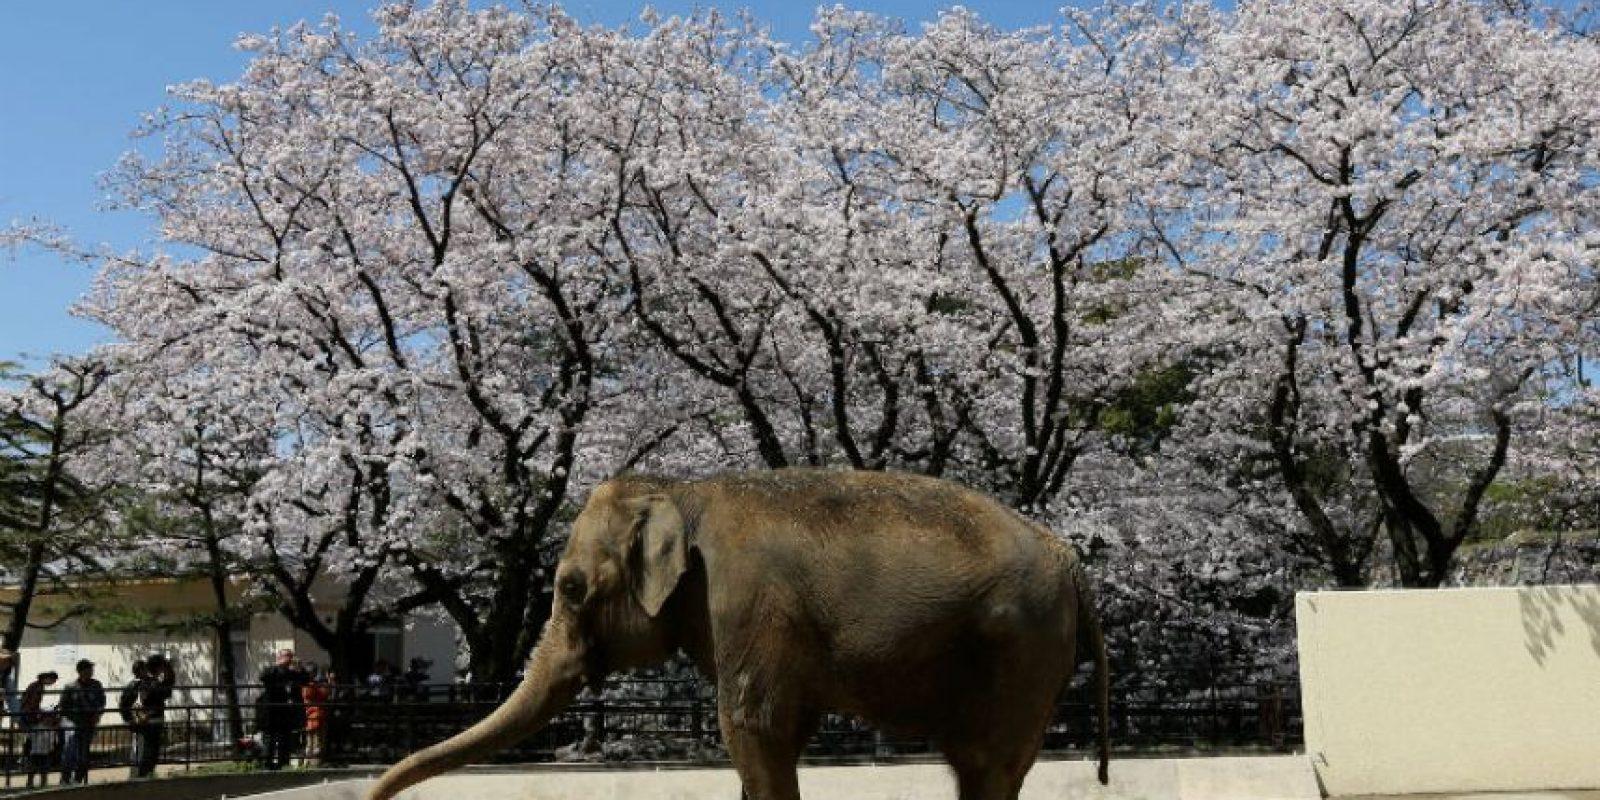 Investigaciones suelen afirmar que el elefante tiene buena memoria. Foto:Getty Images